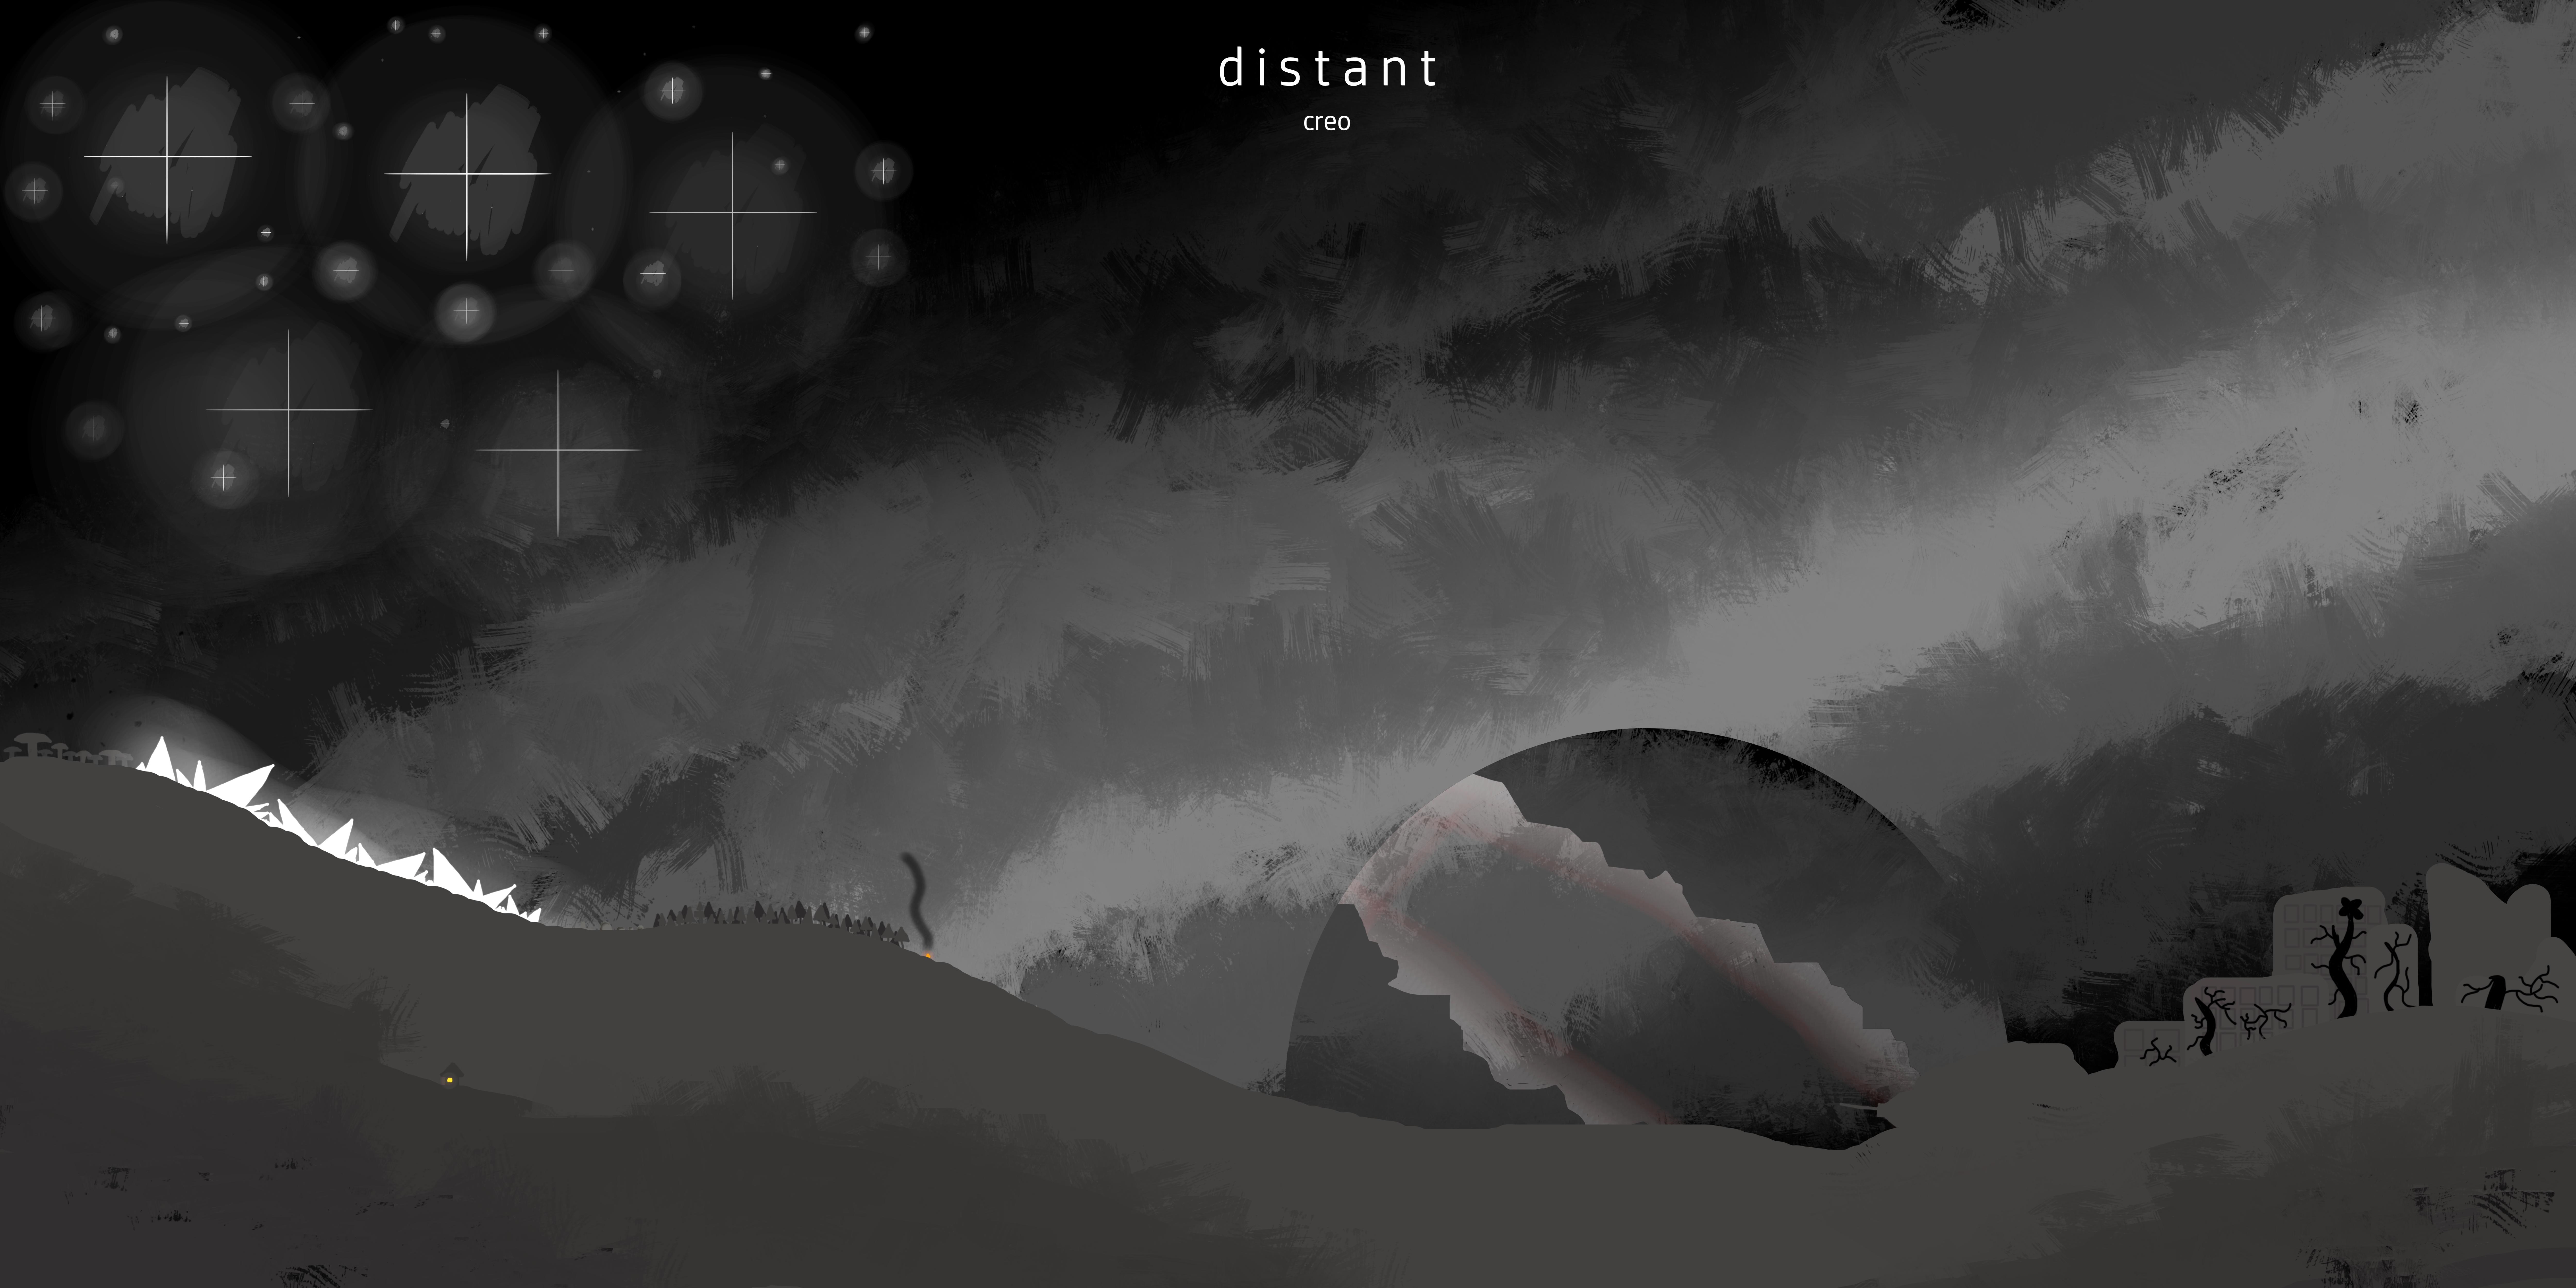 Creo- Distant